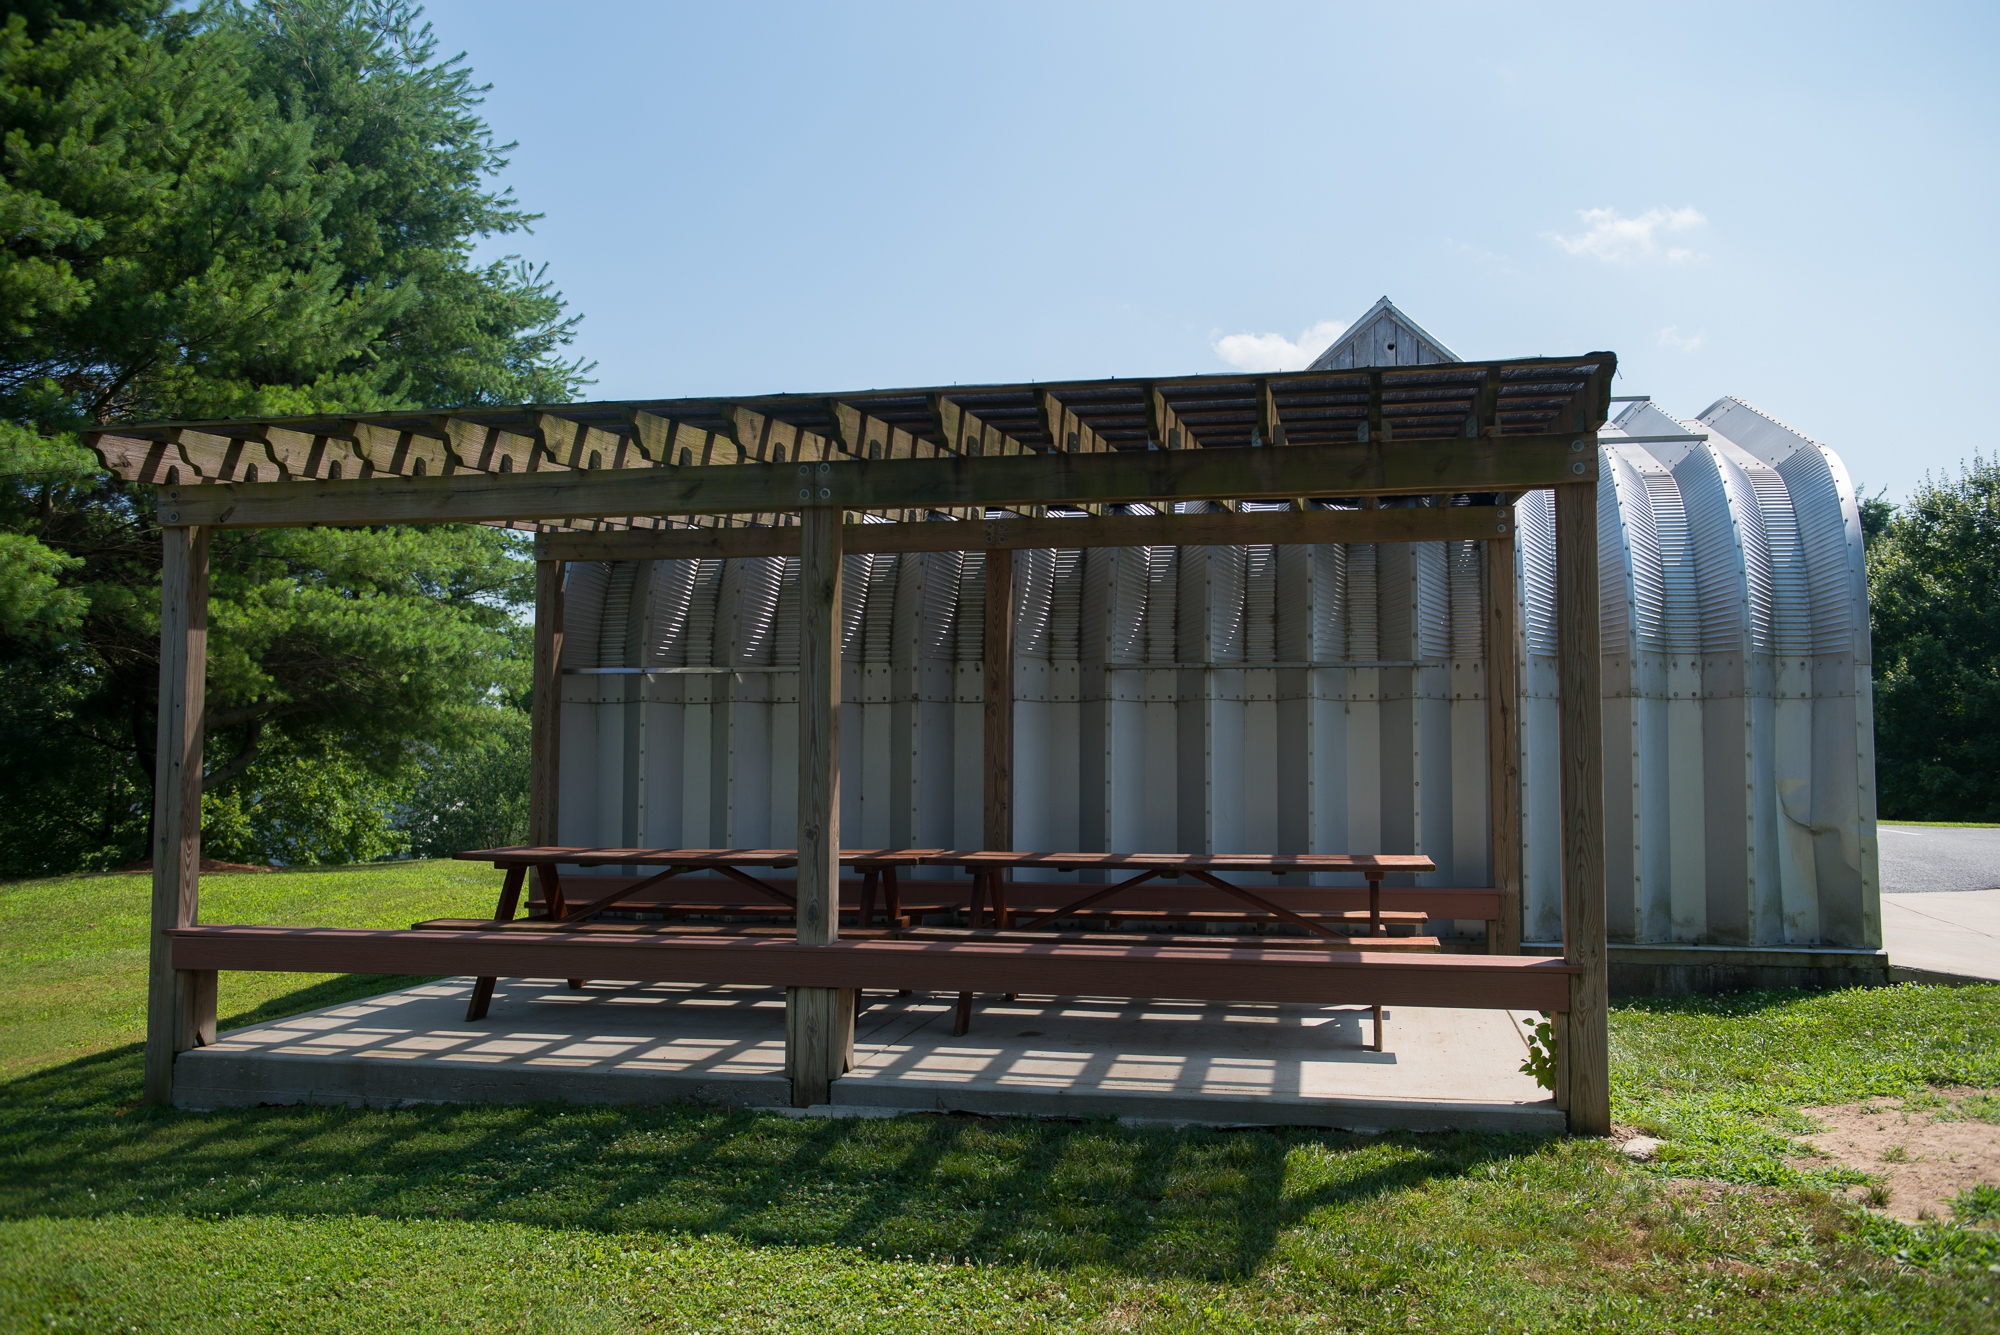 <p>The picnic area</p>